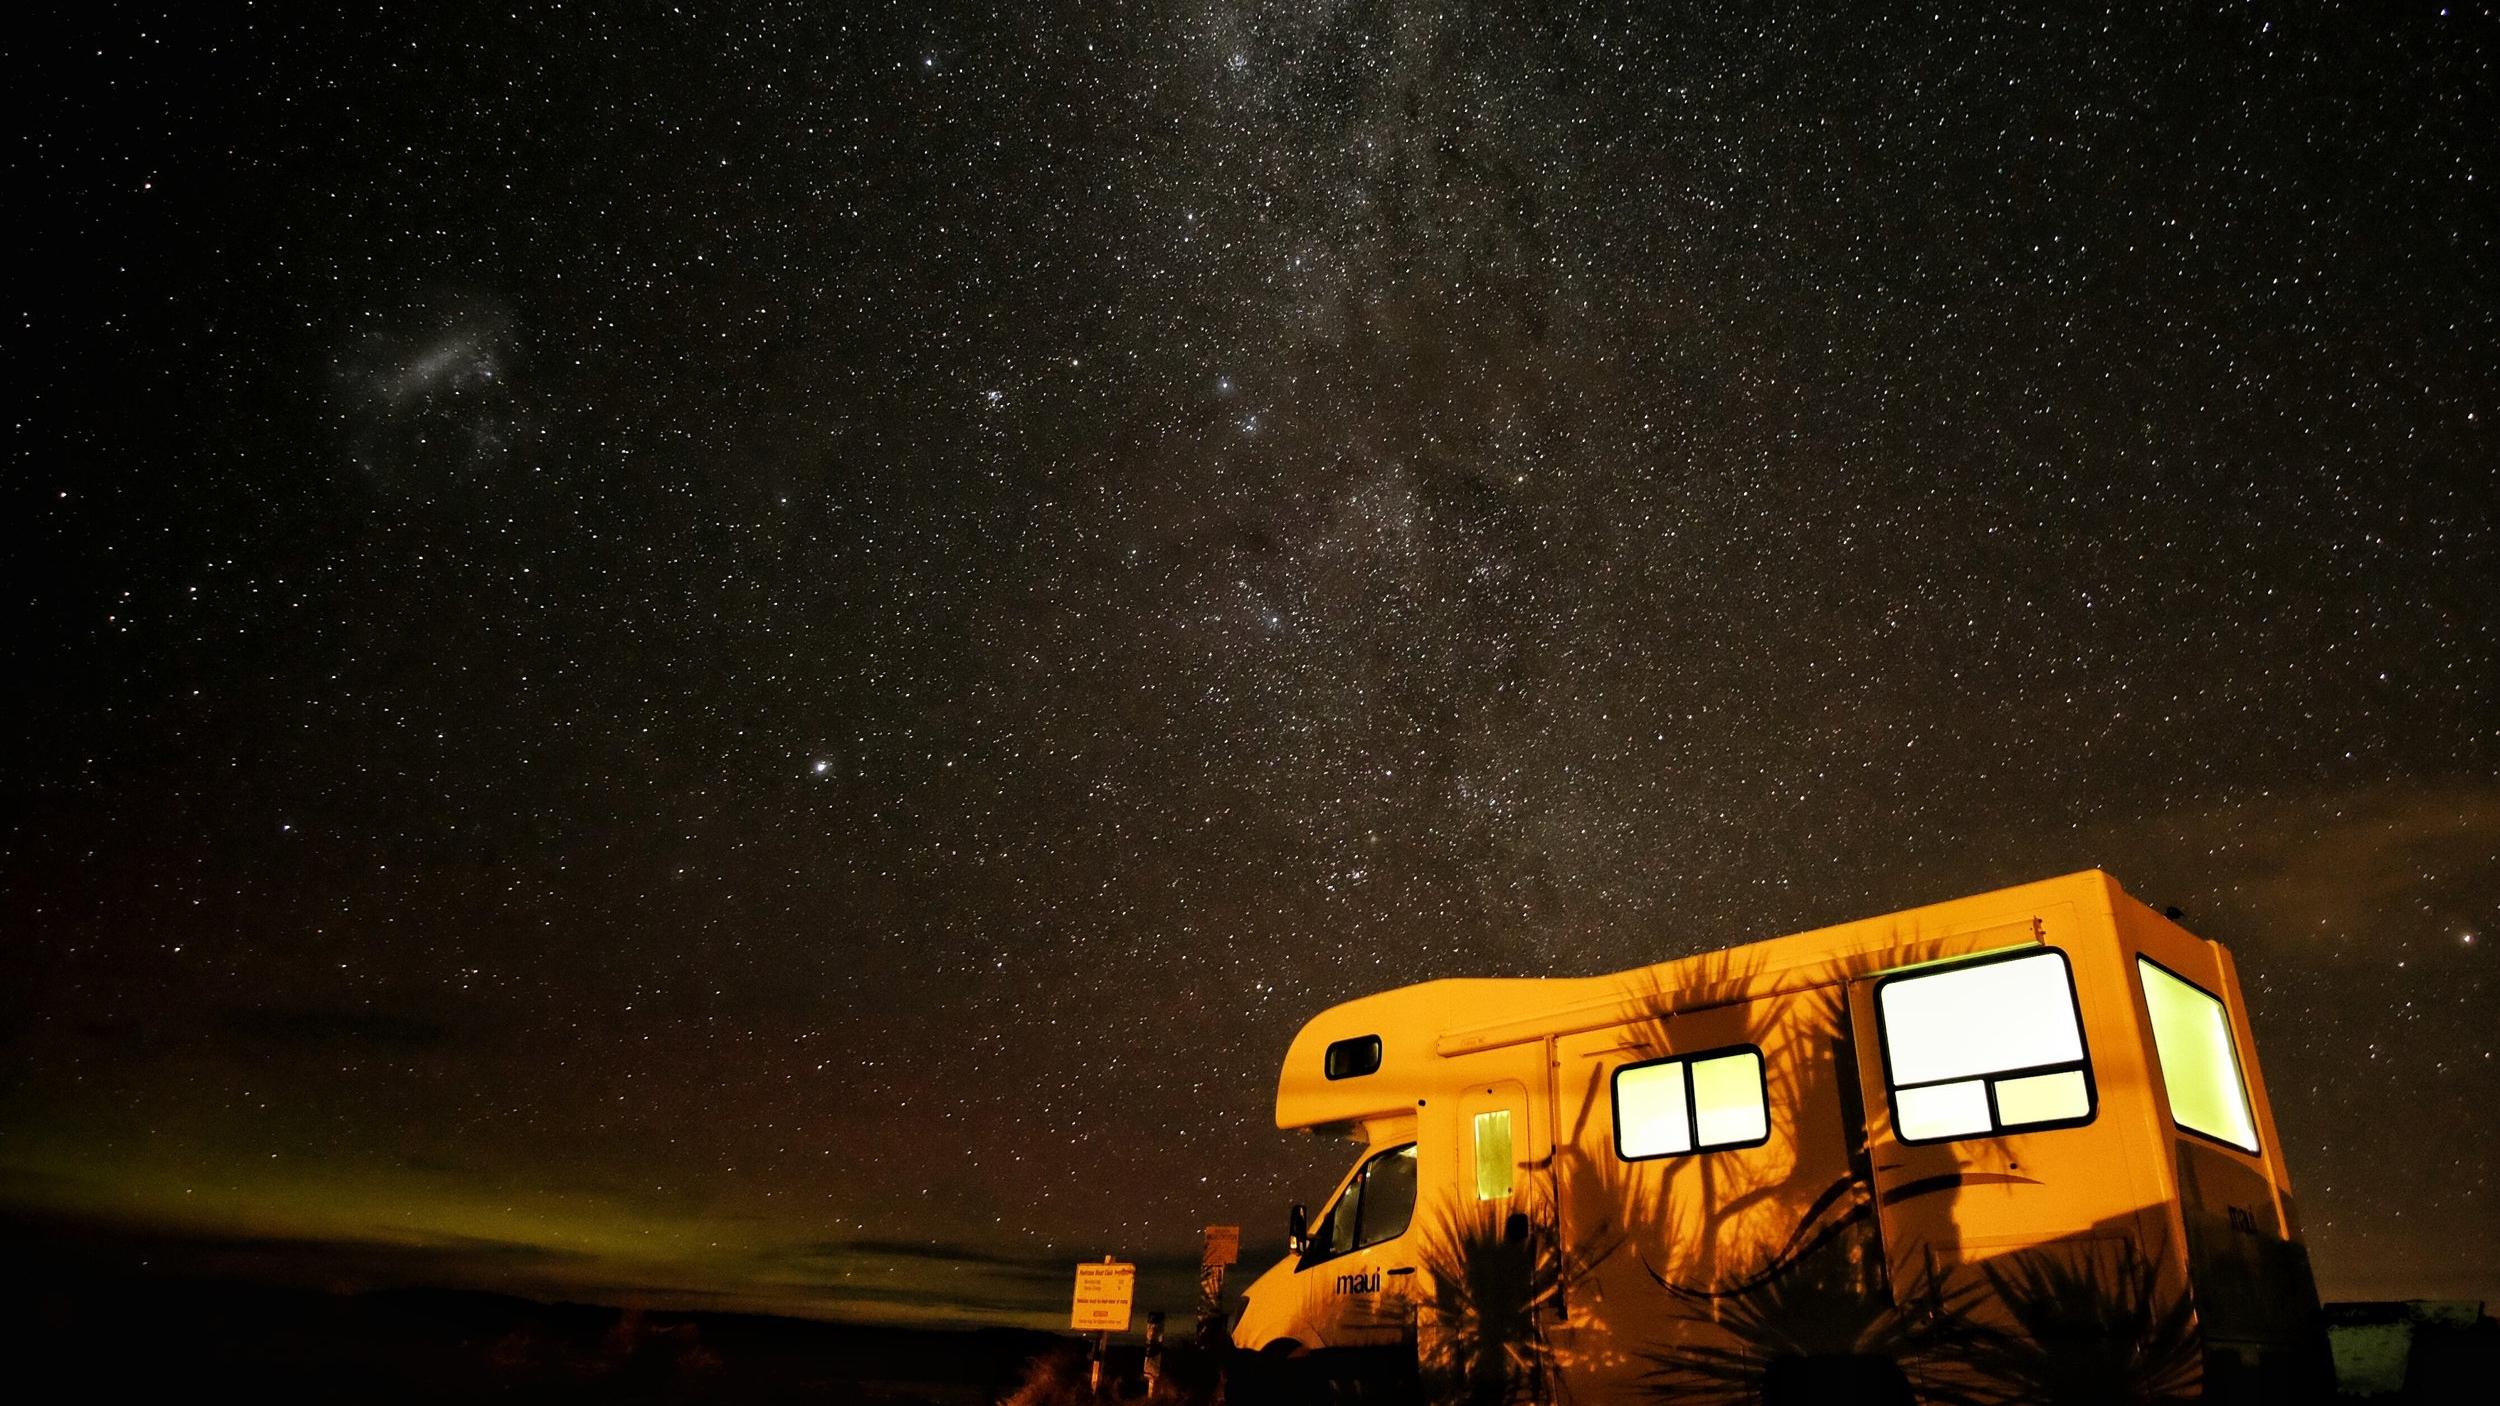 camper estrelas.jpeg